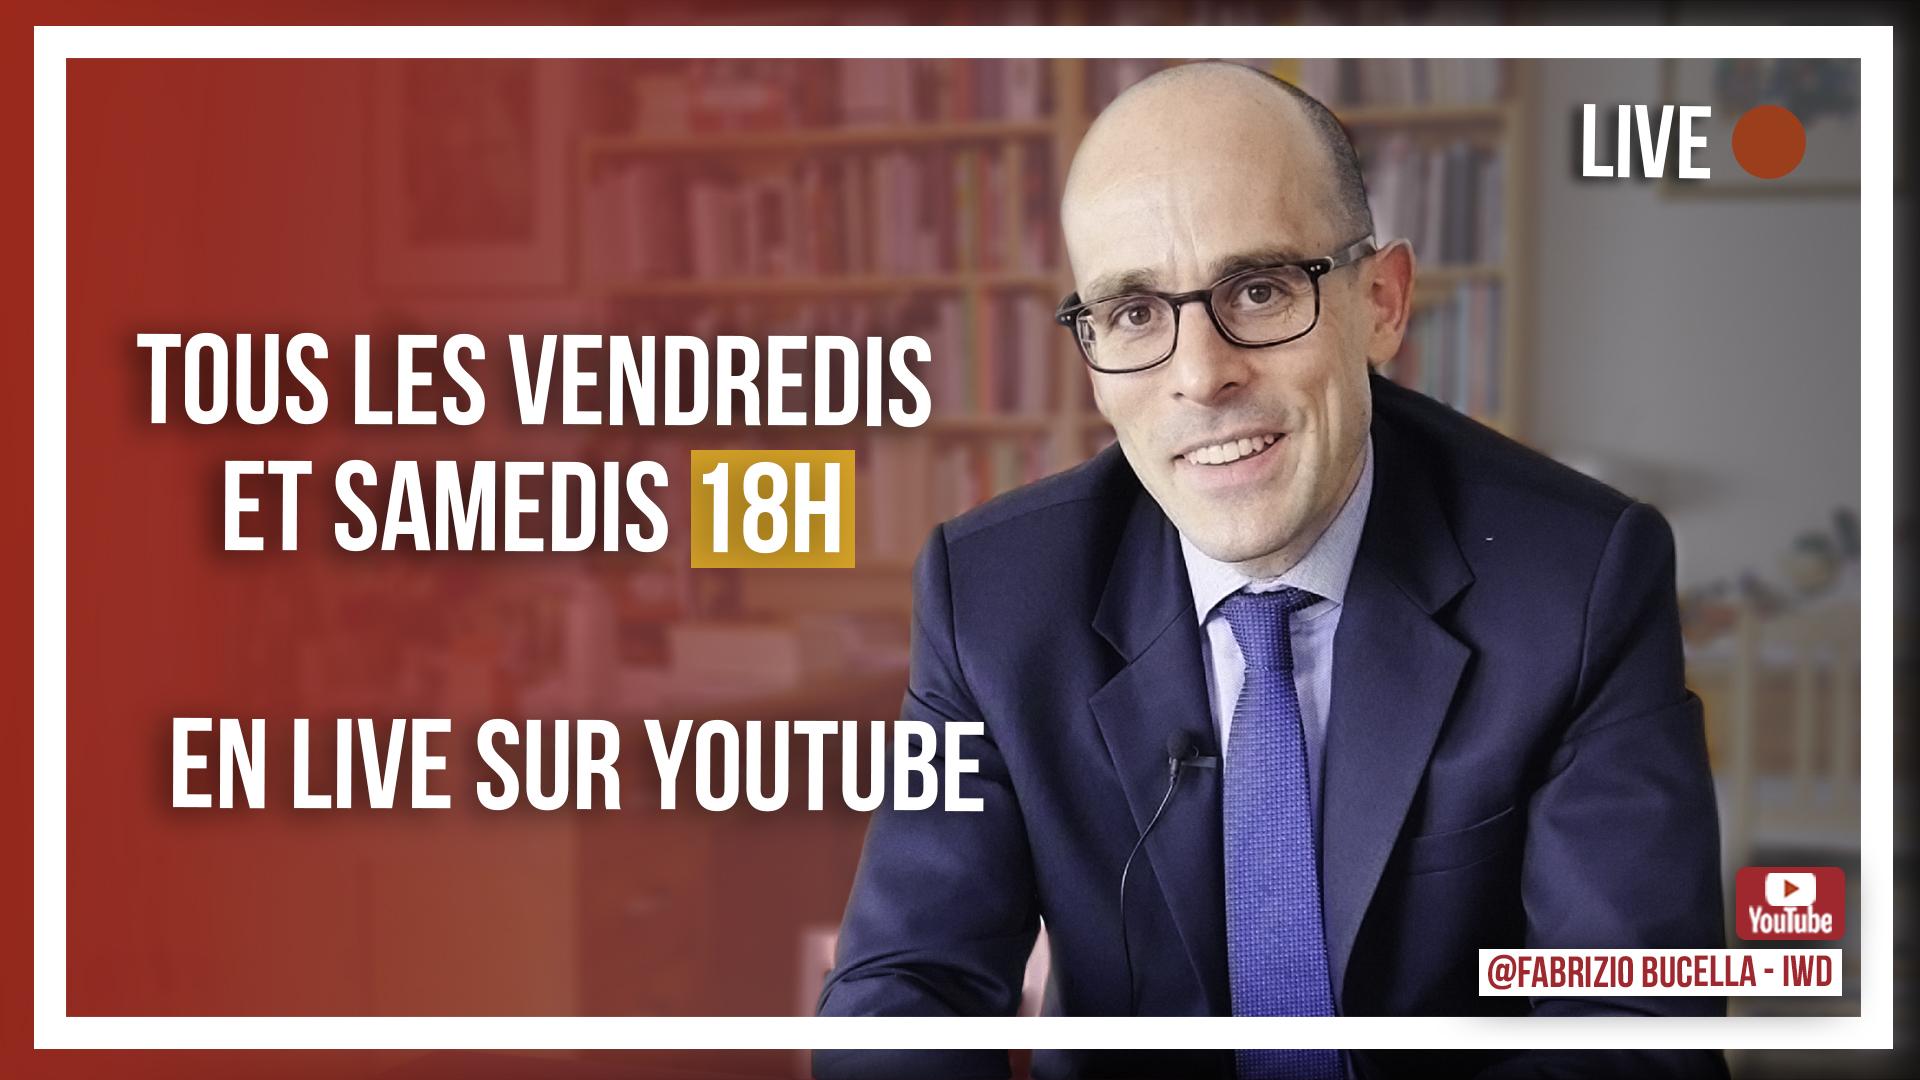 Cours oenologie gratuits en ligne et en direct sur YouTube avec le Professeur Fabrizio Bucella